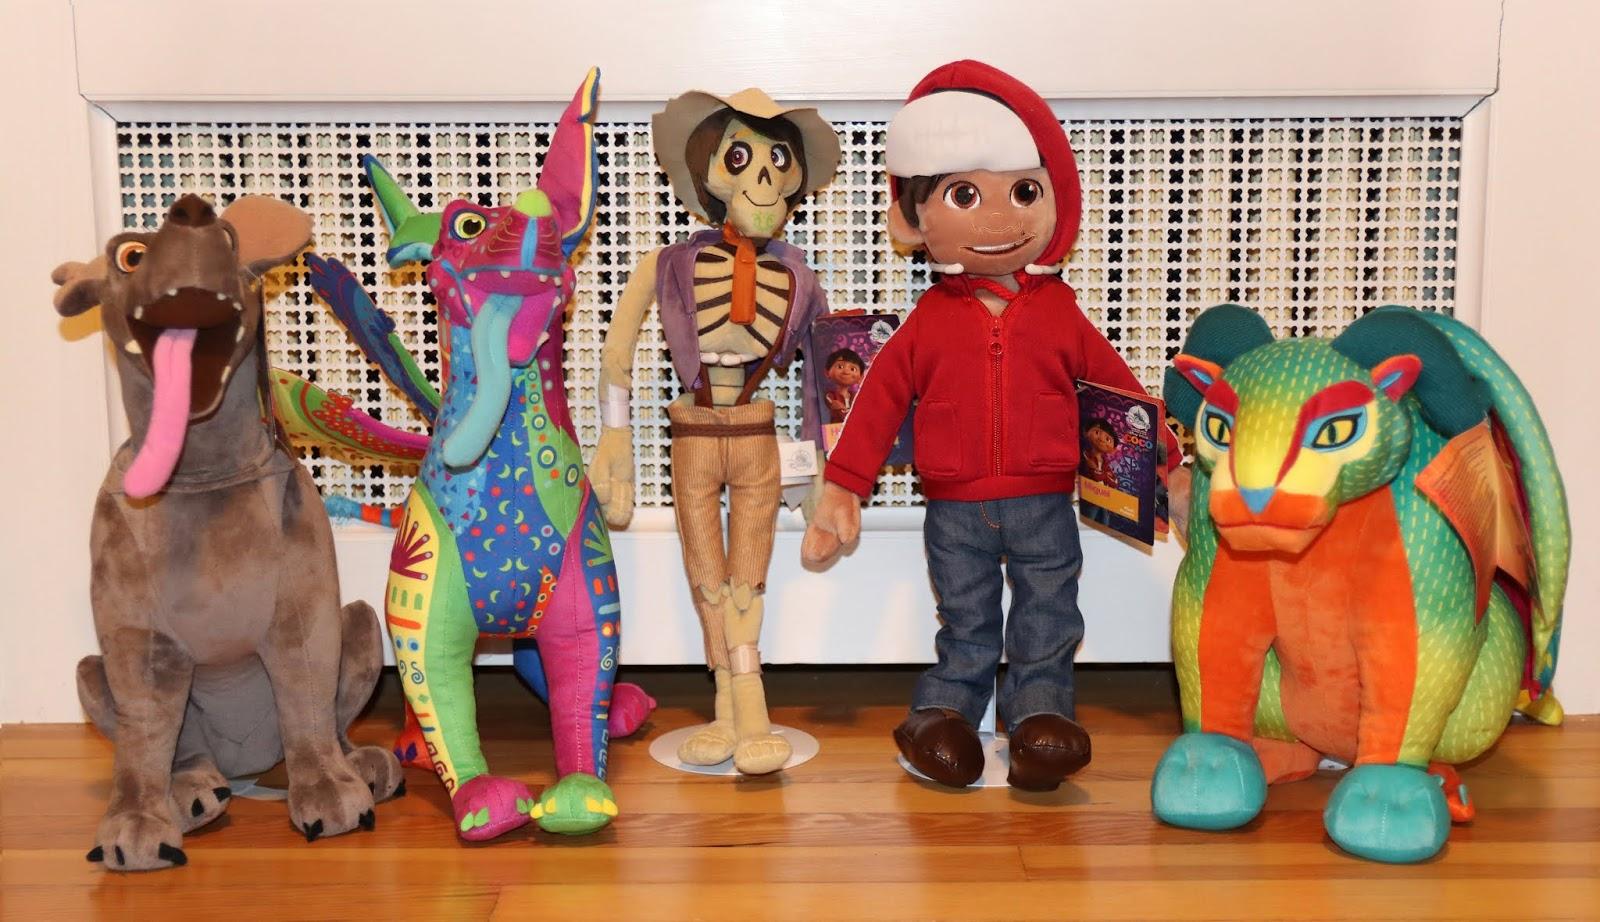 disney store coco plush toys